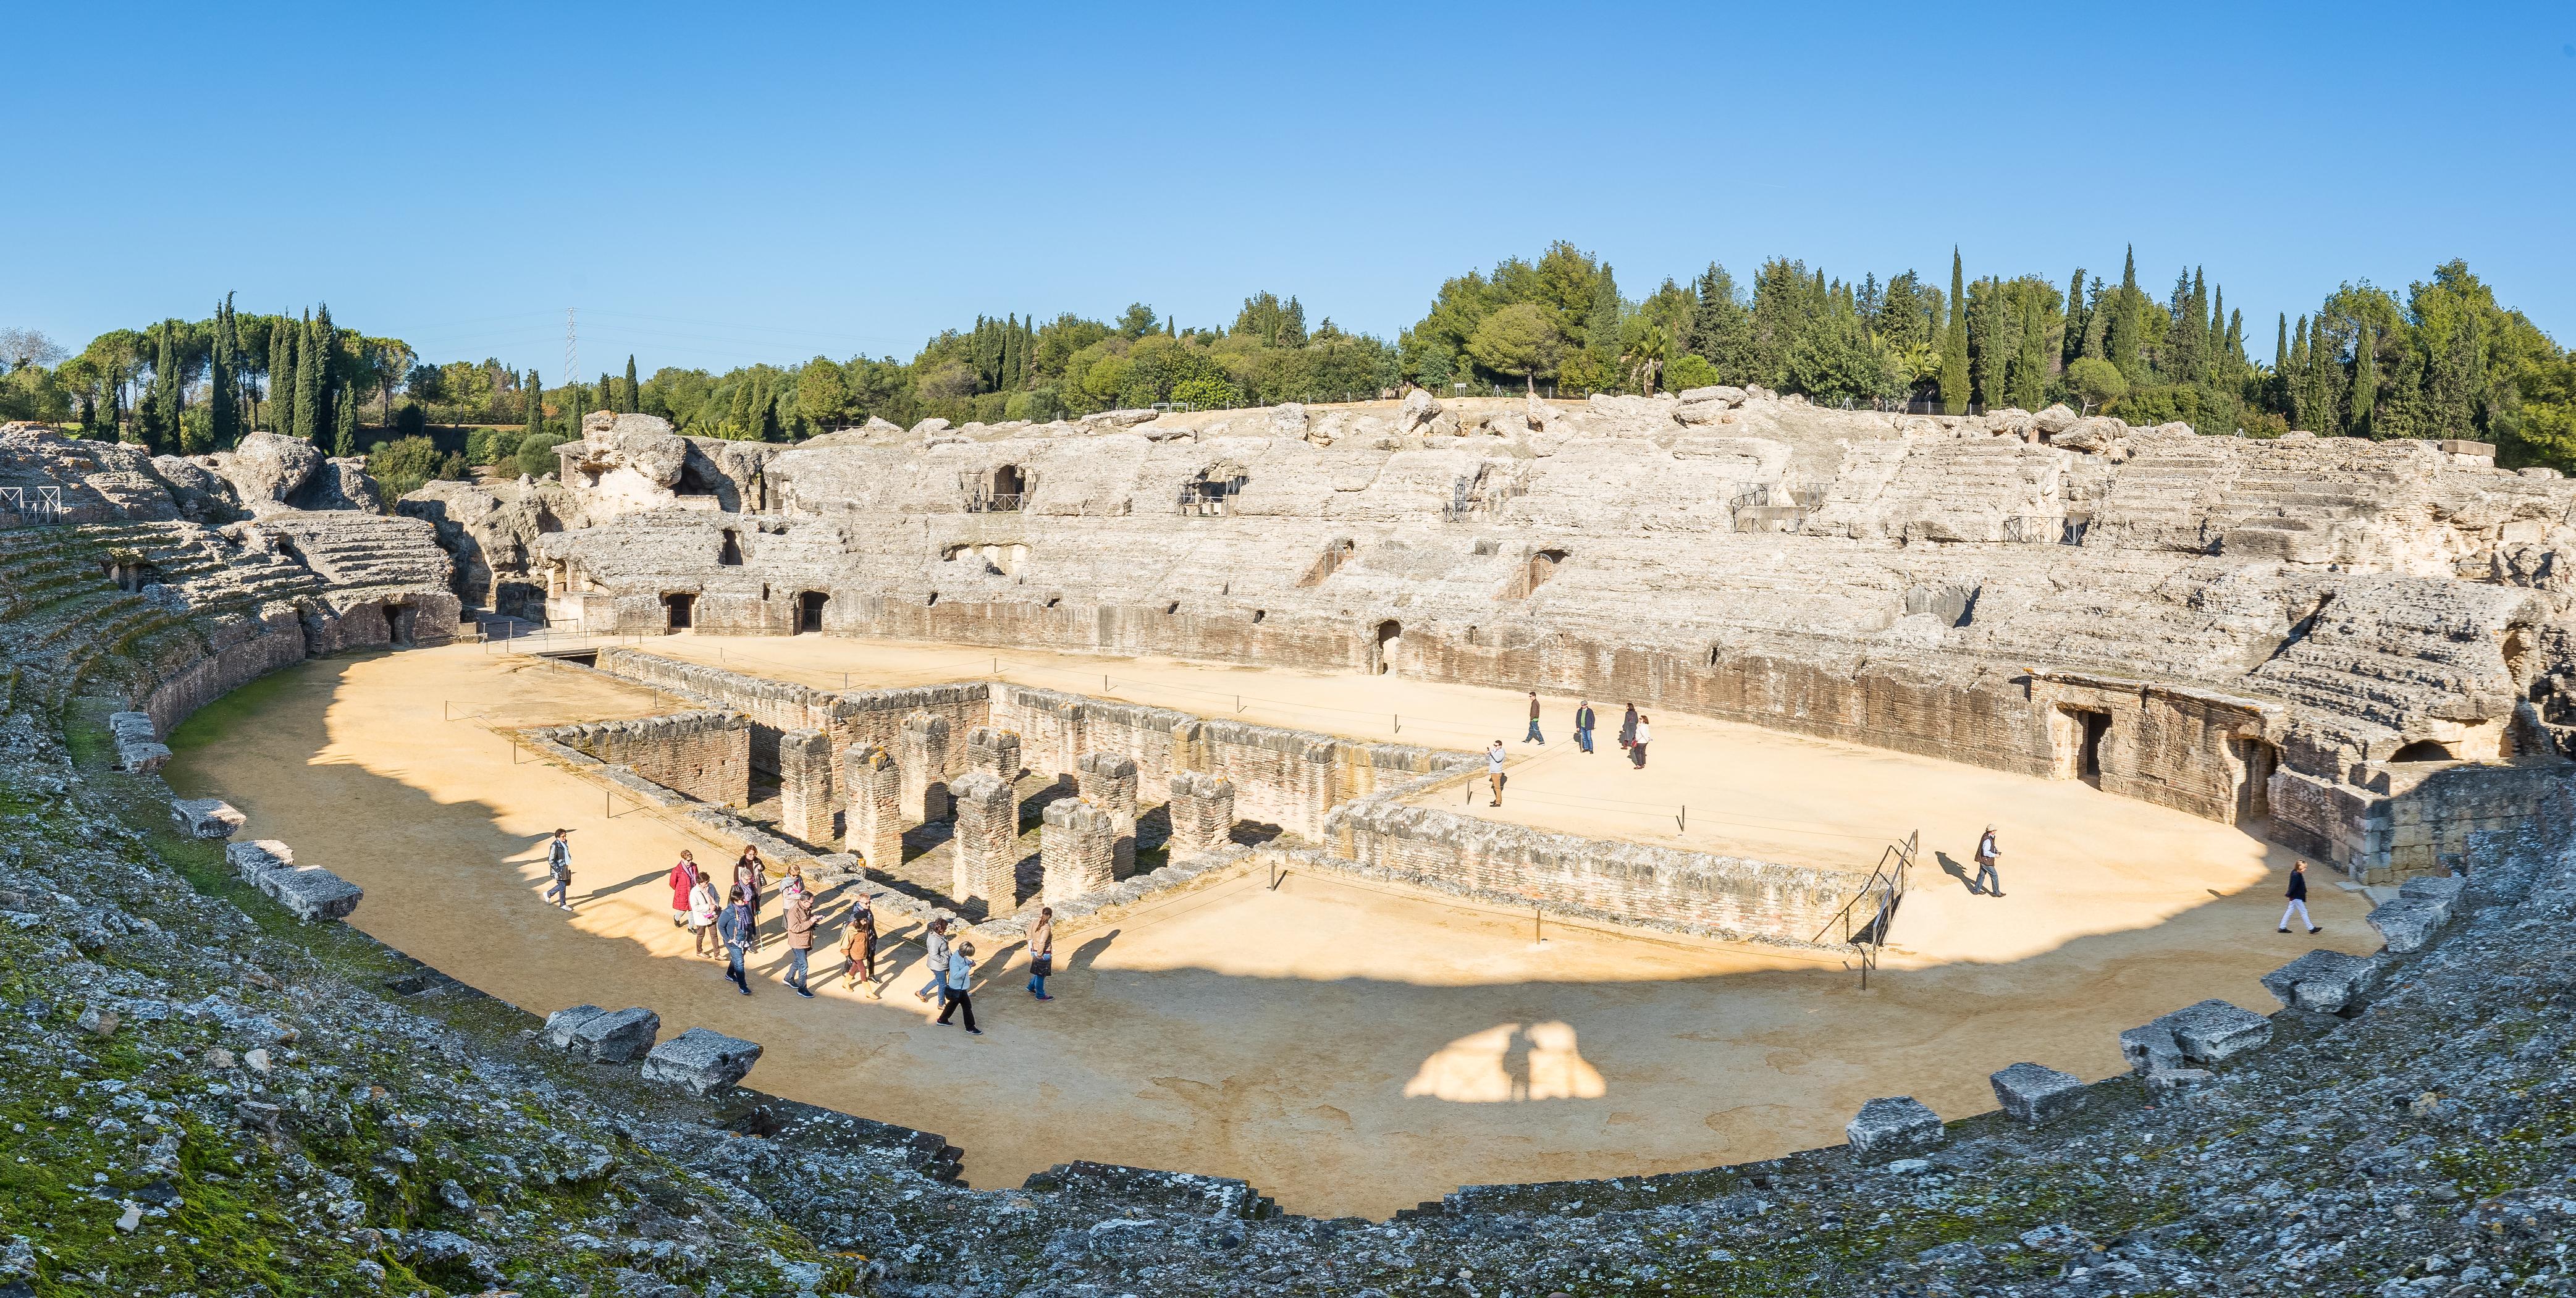 anfiteatro_de_las_ruinas_romanas_de_itc3a1lica2c_santiponce2c_sevilla2c_espac3b1a2c_2015-12-062c_dd_26-29_pan